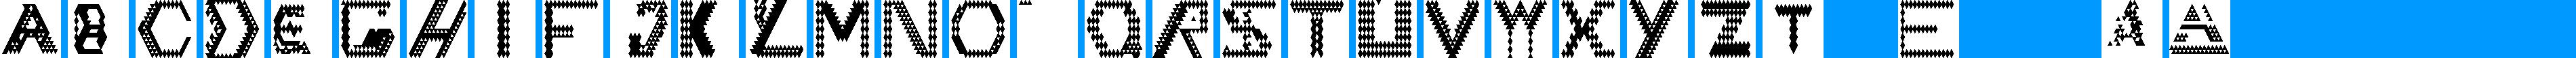 Particip-a-type v.193